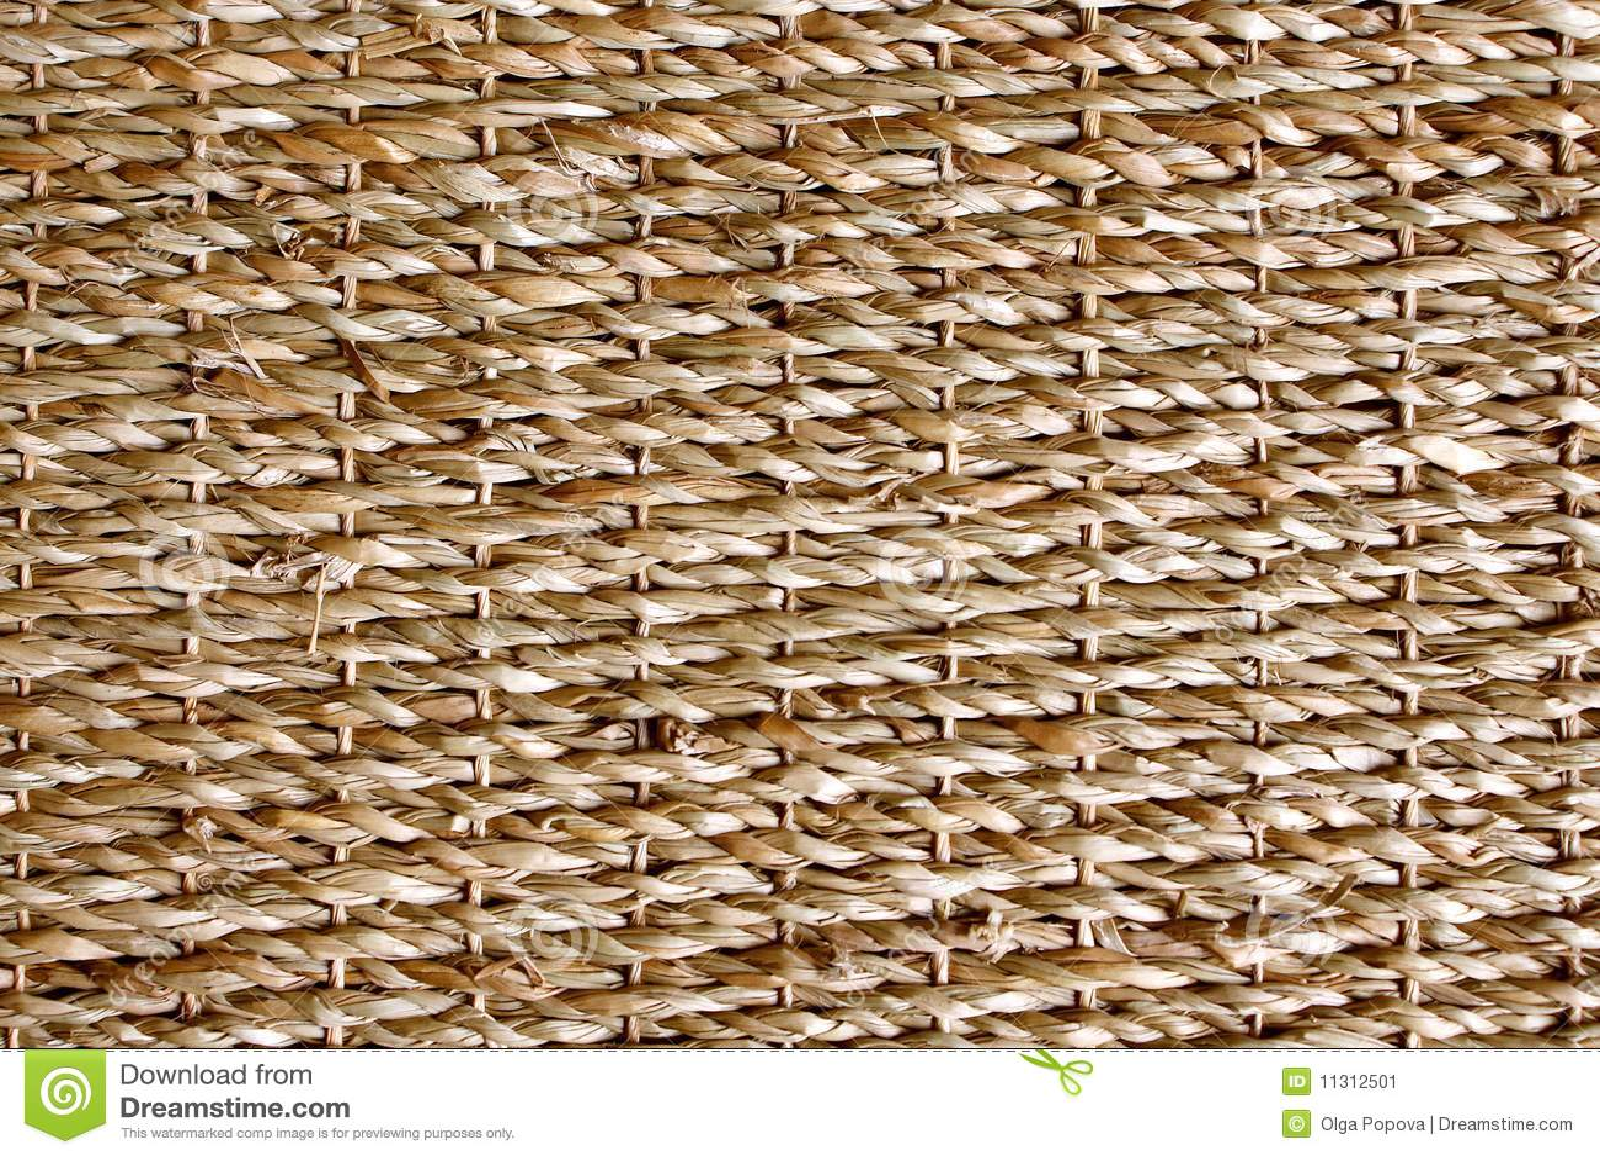 Straw background texture